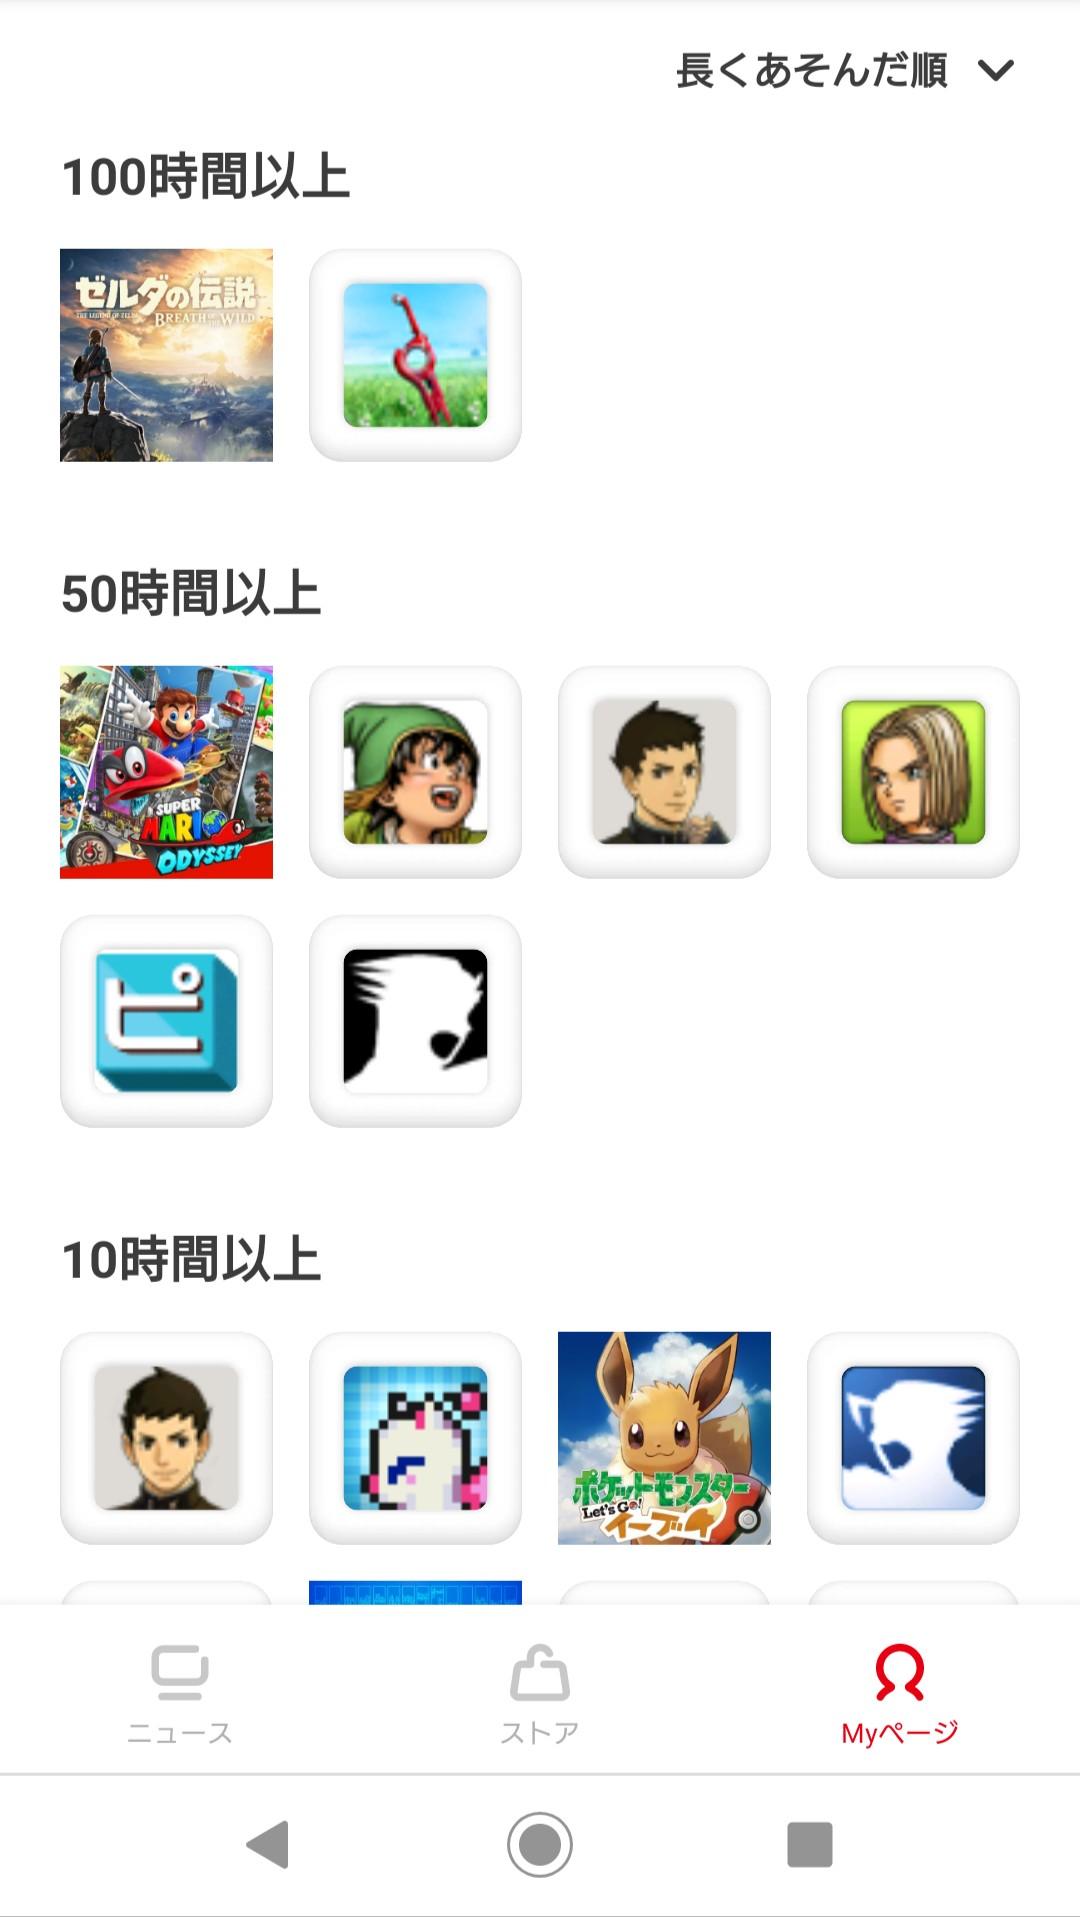 eZZzpfQ - 【朗報】My Nintendoアプリのゲリラ配信開始 超便利な模様